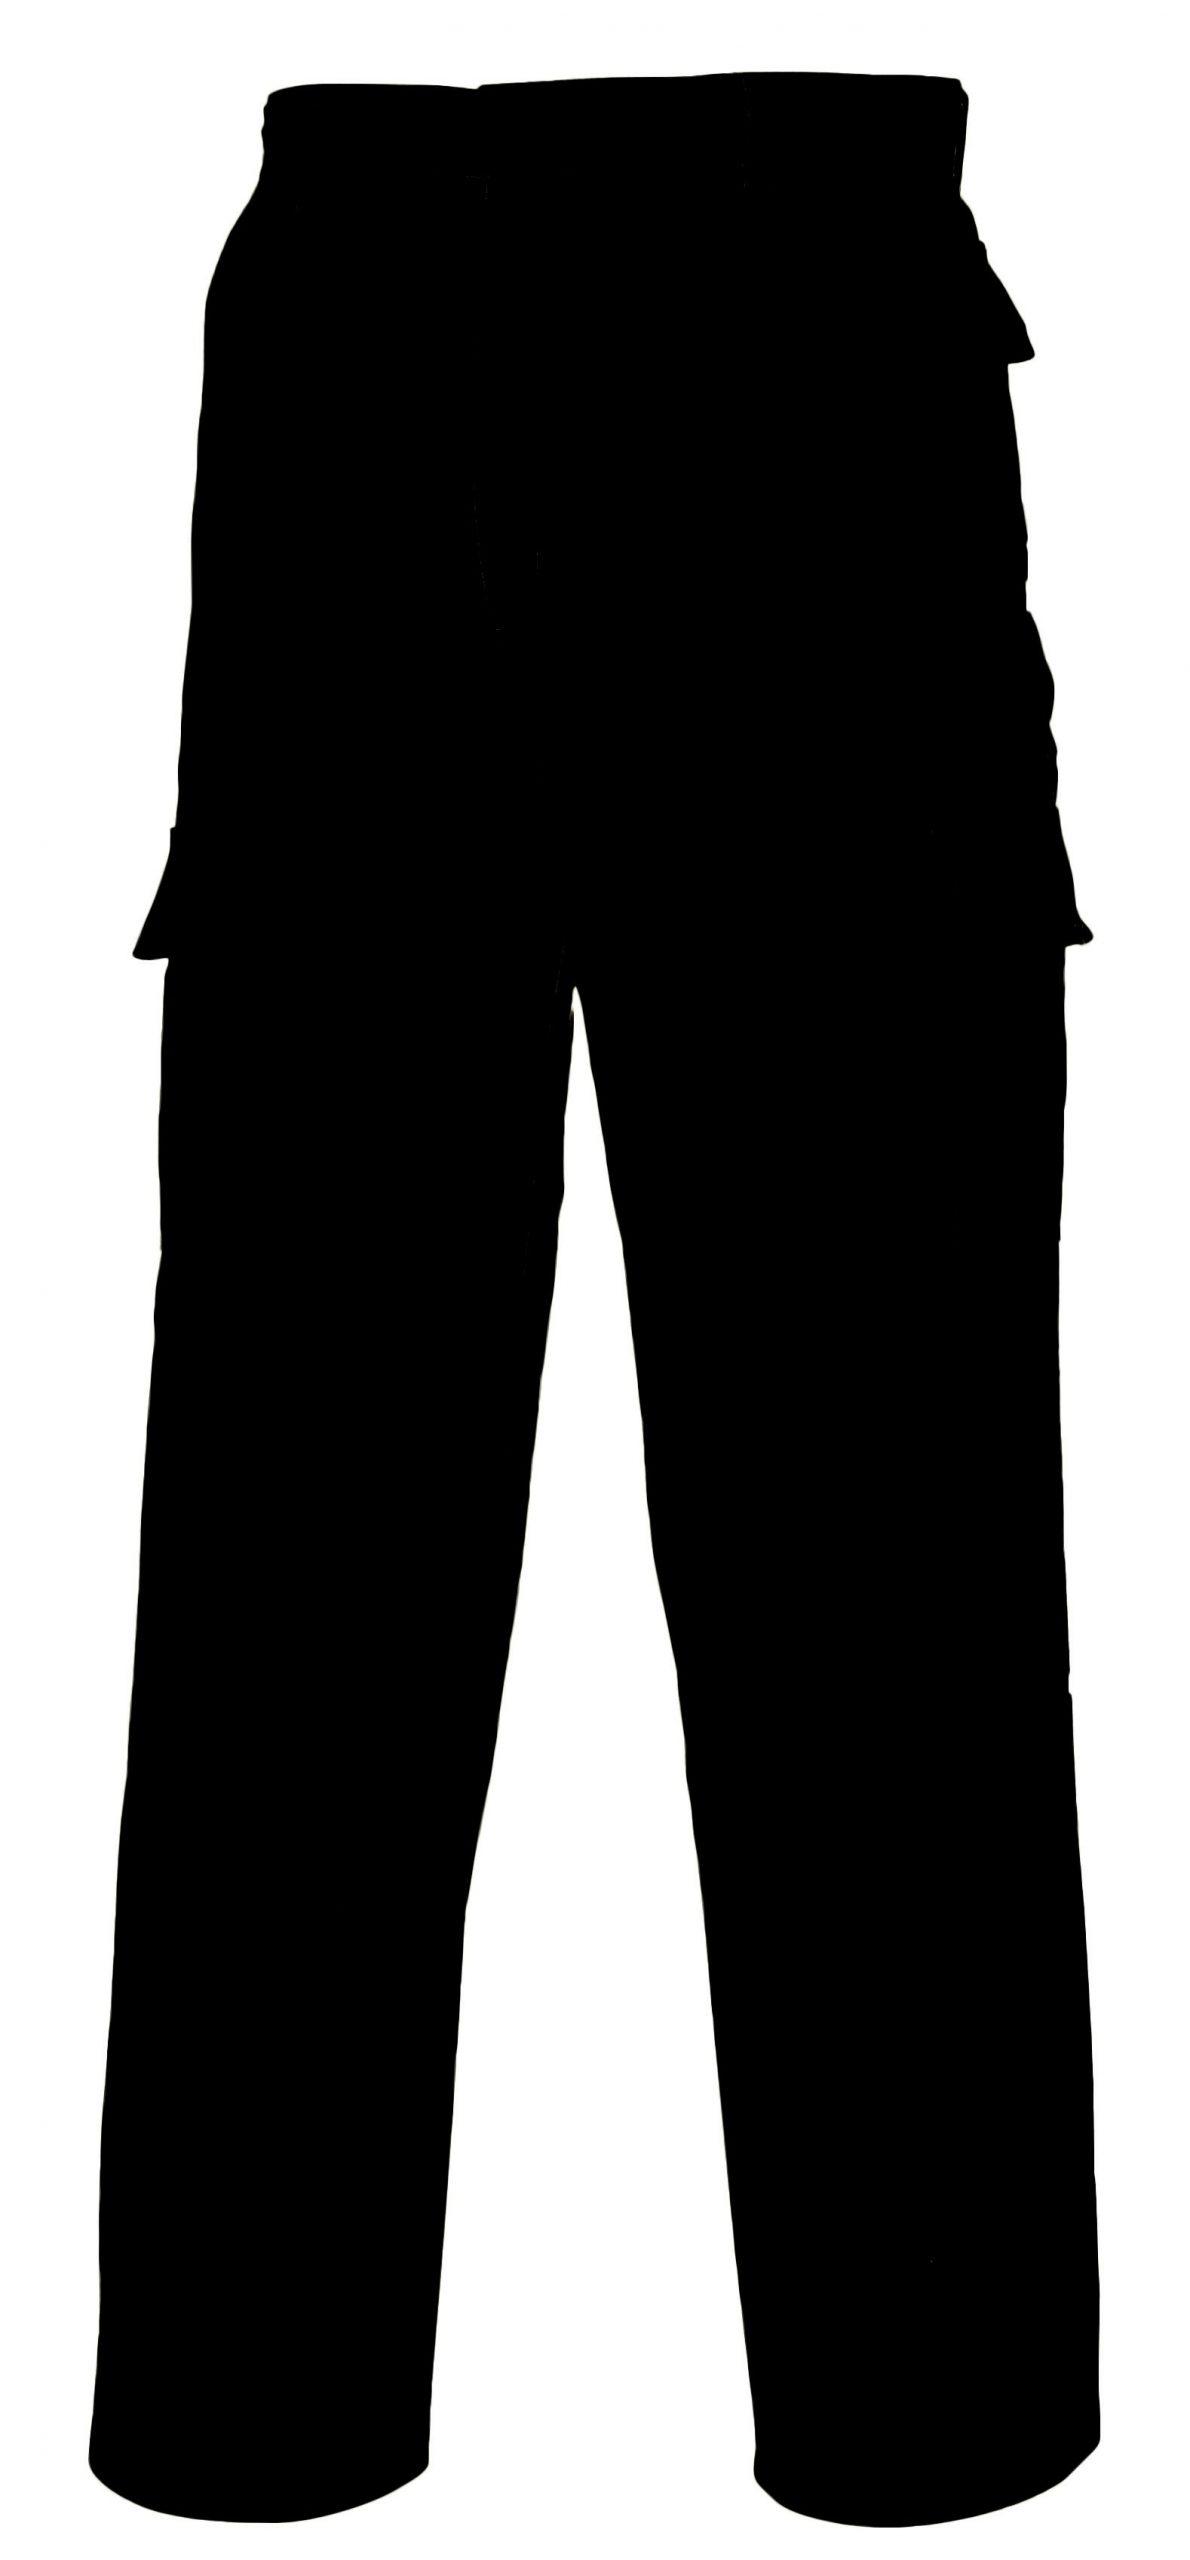 Portwest Combat Trousers C701 Black Waist 34 Inside Leg 31